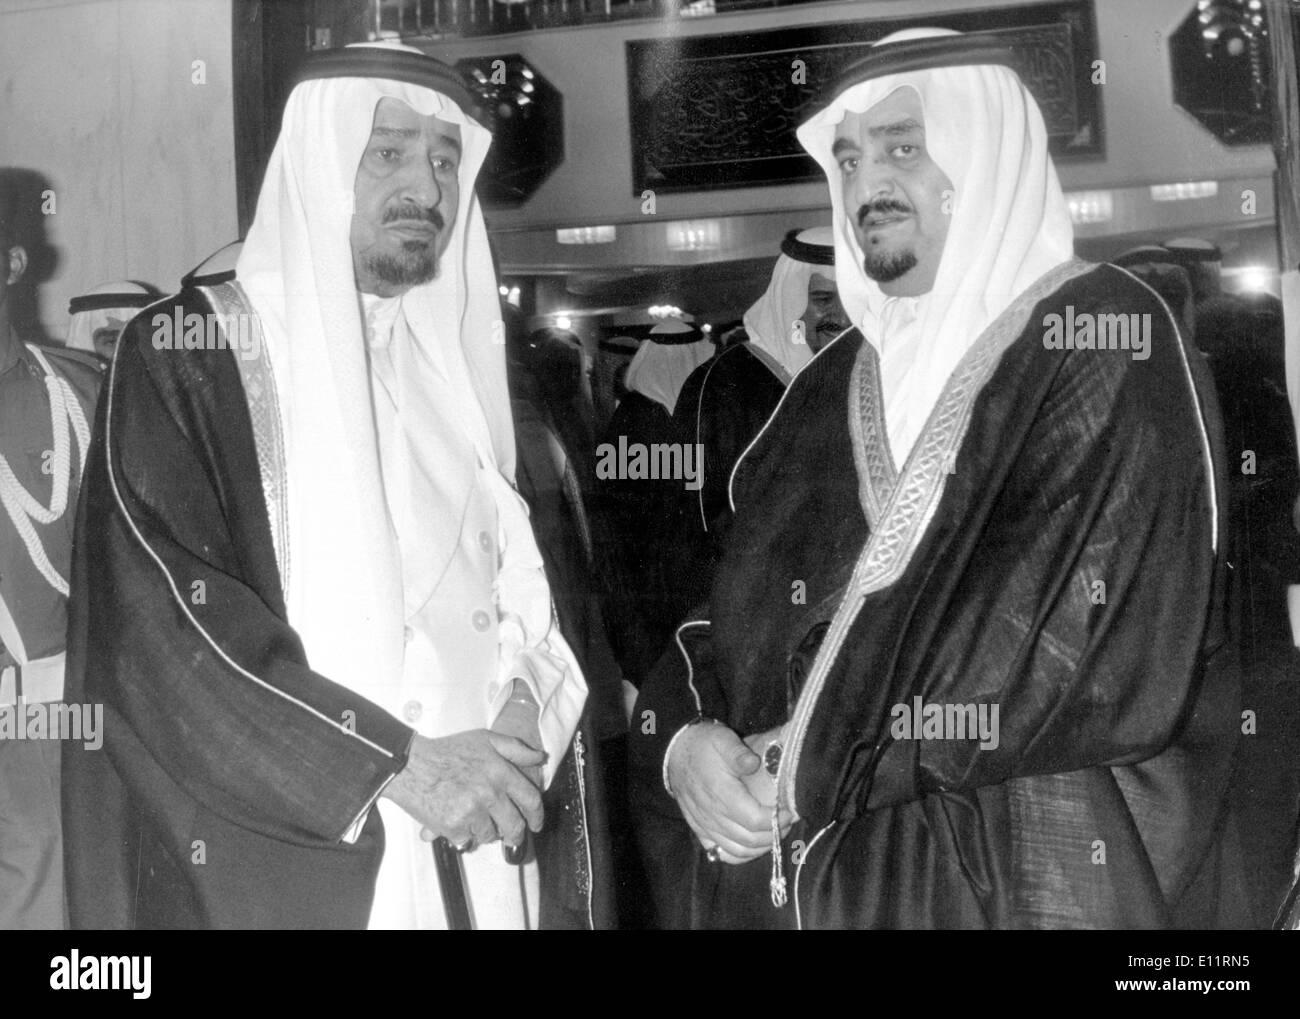 5508075 (900326) Koenig KHALED von Saudi-Arabien (links) und Prinz FAHD von Saudi-Arabien im Koenigspalast in Riyadh (Ryad), - Stock Image